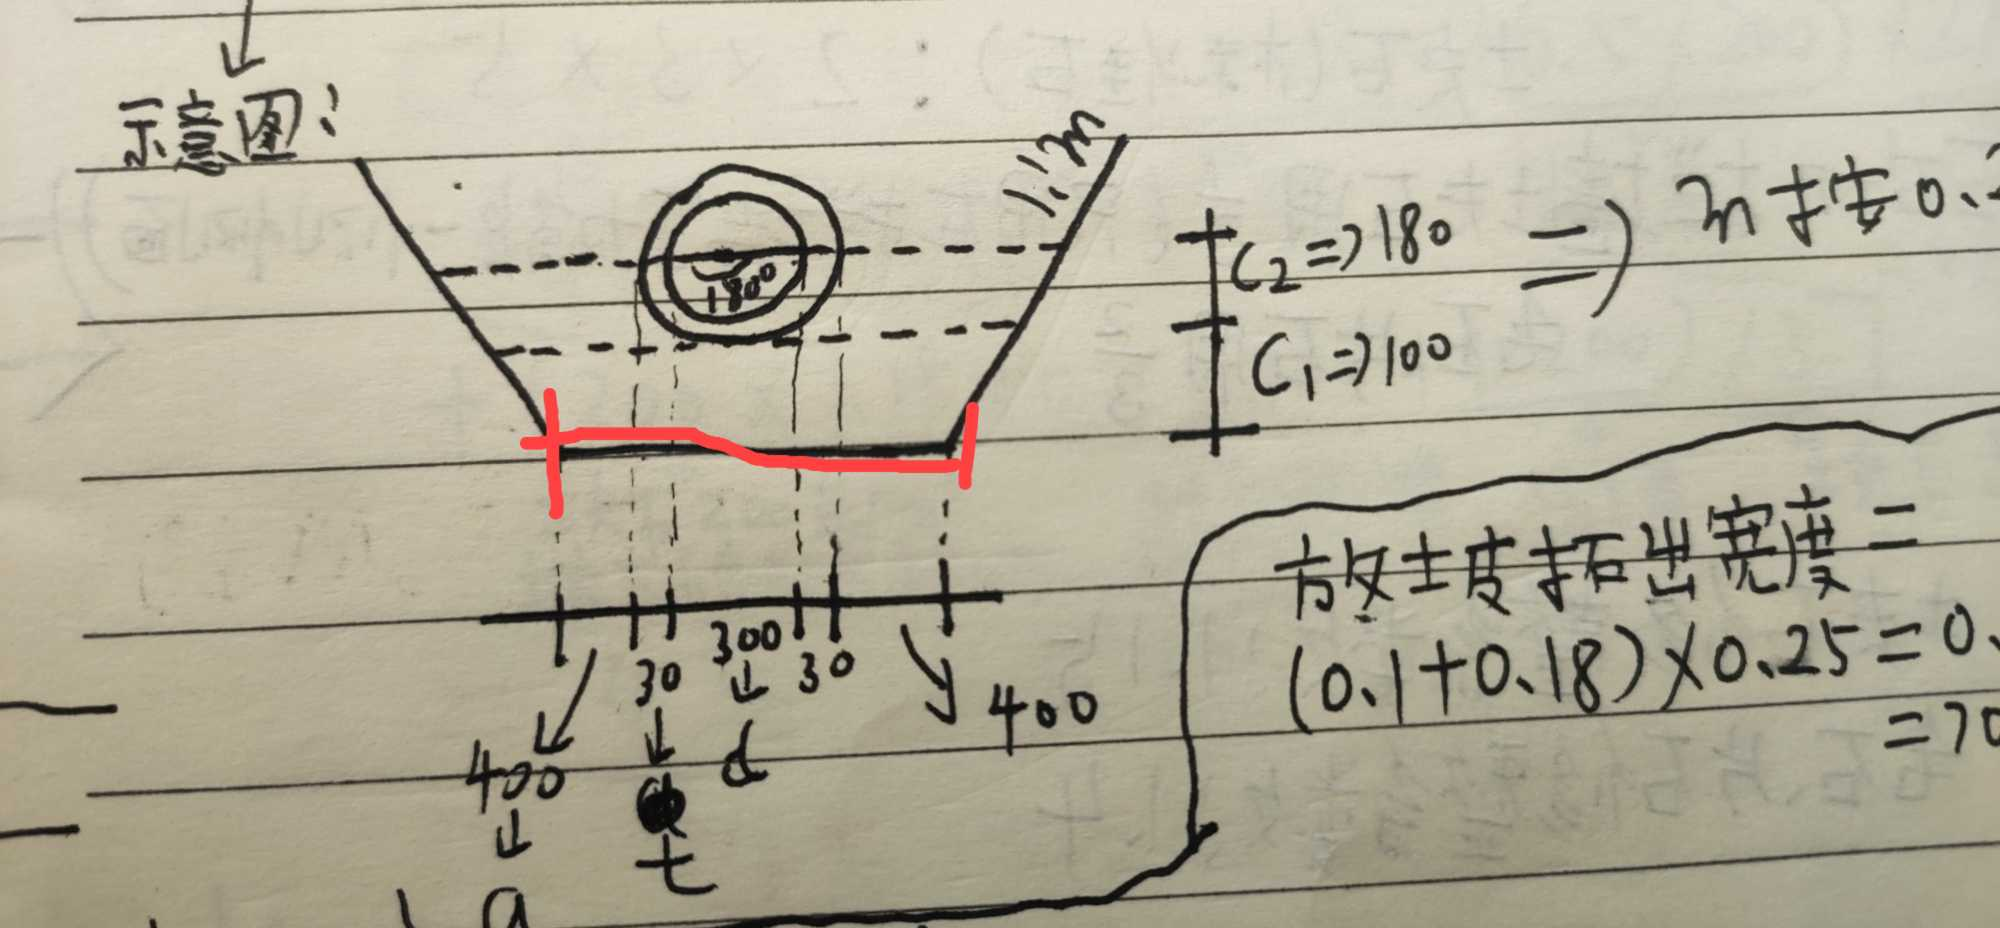 山东,市政,答疑:04s516图集里没有加管道沟槽的工作面宽度是吗?红线是否就是管道结构宽度,-山东市政,